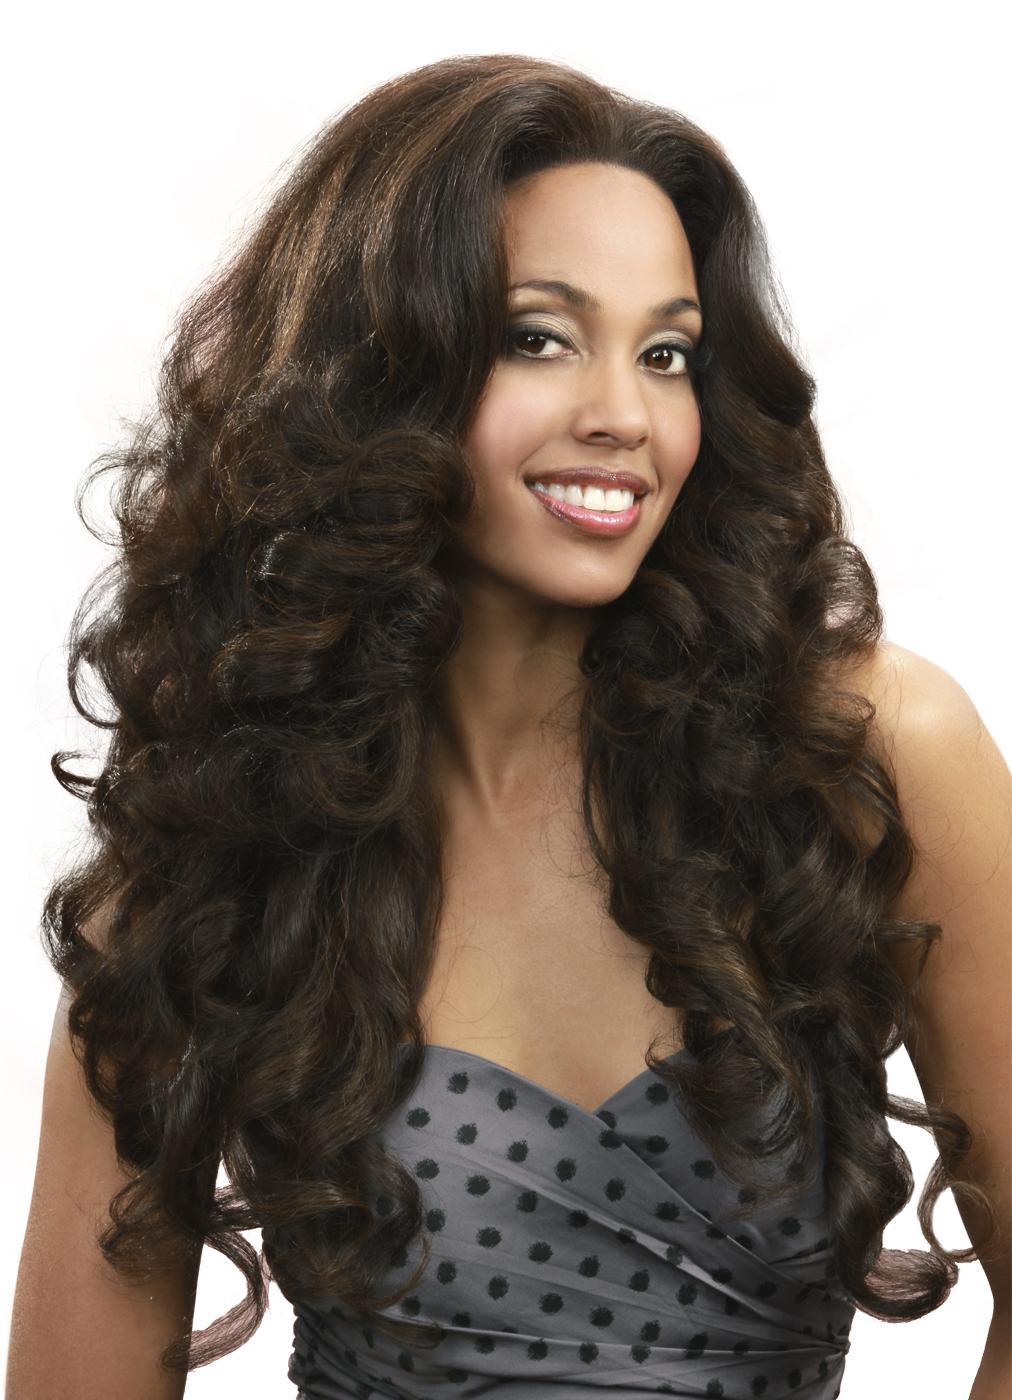 Bobbi Boss 174 183 Leading Hair Company